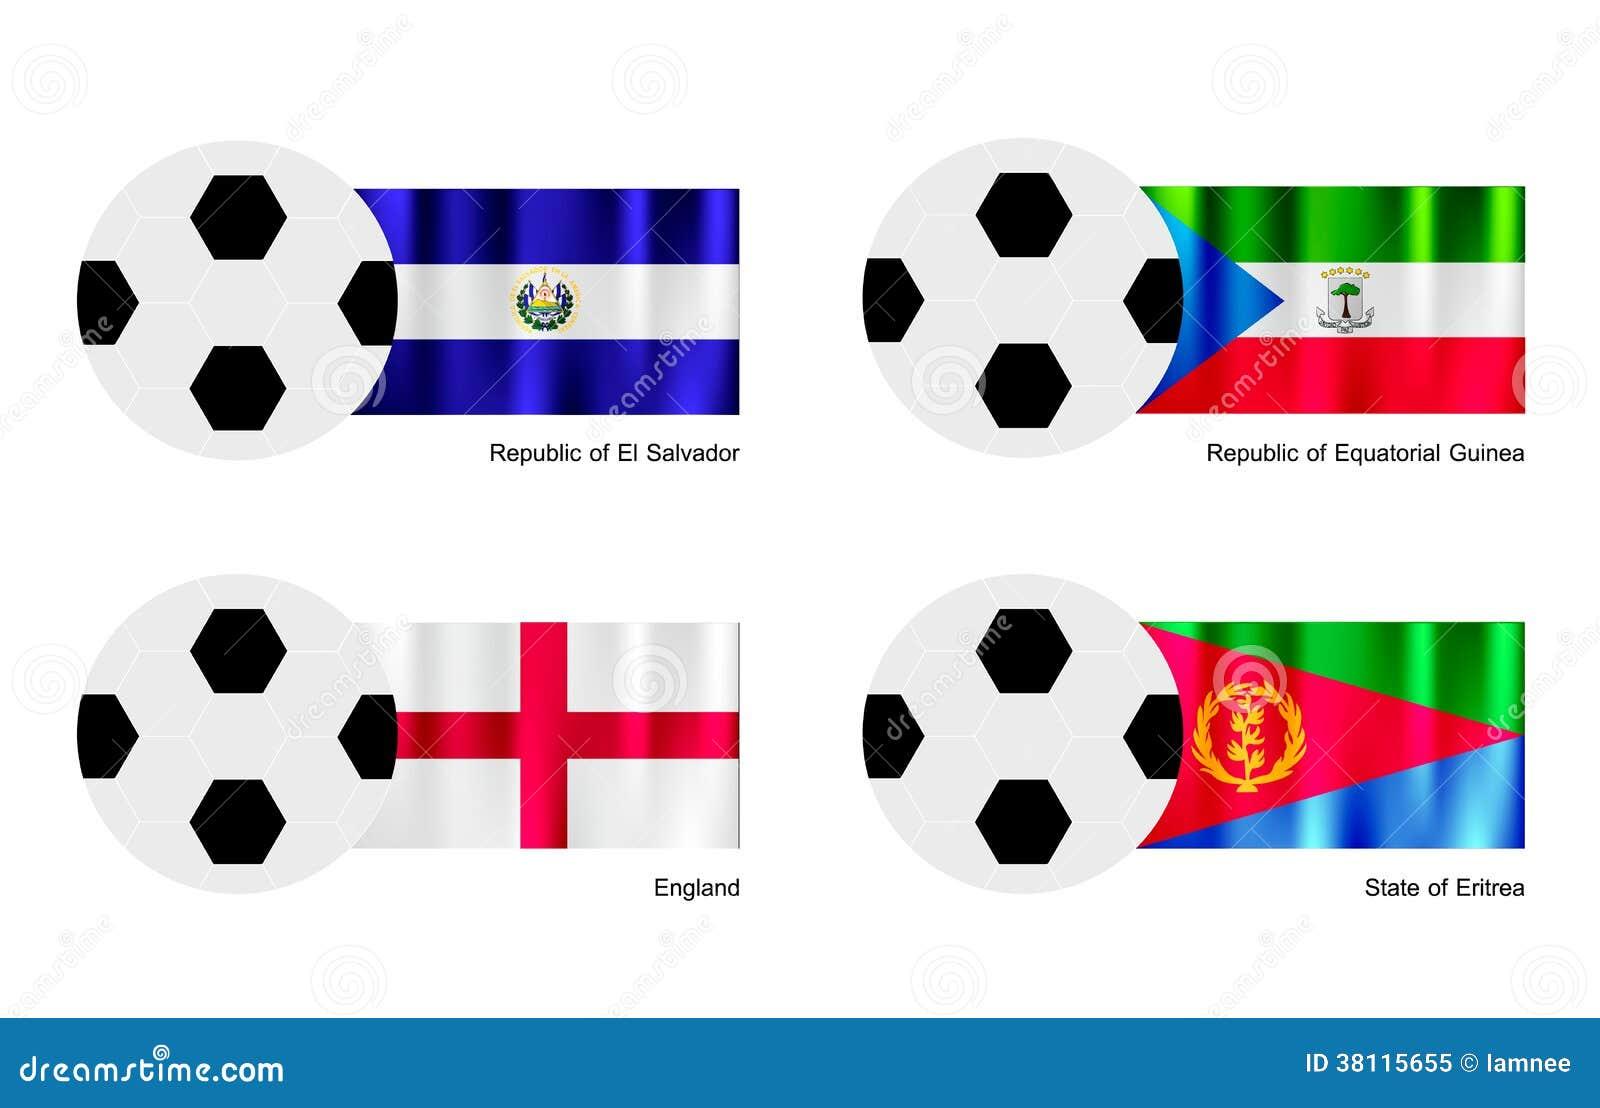 Fußball mit El Salvador, Äquatorialguinea-, England- und Eritrea-Flagge